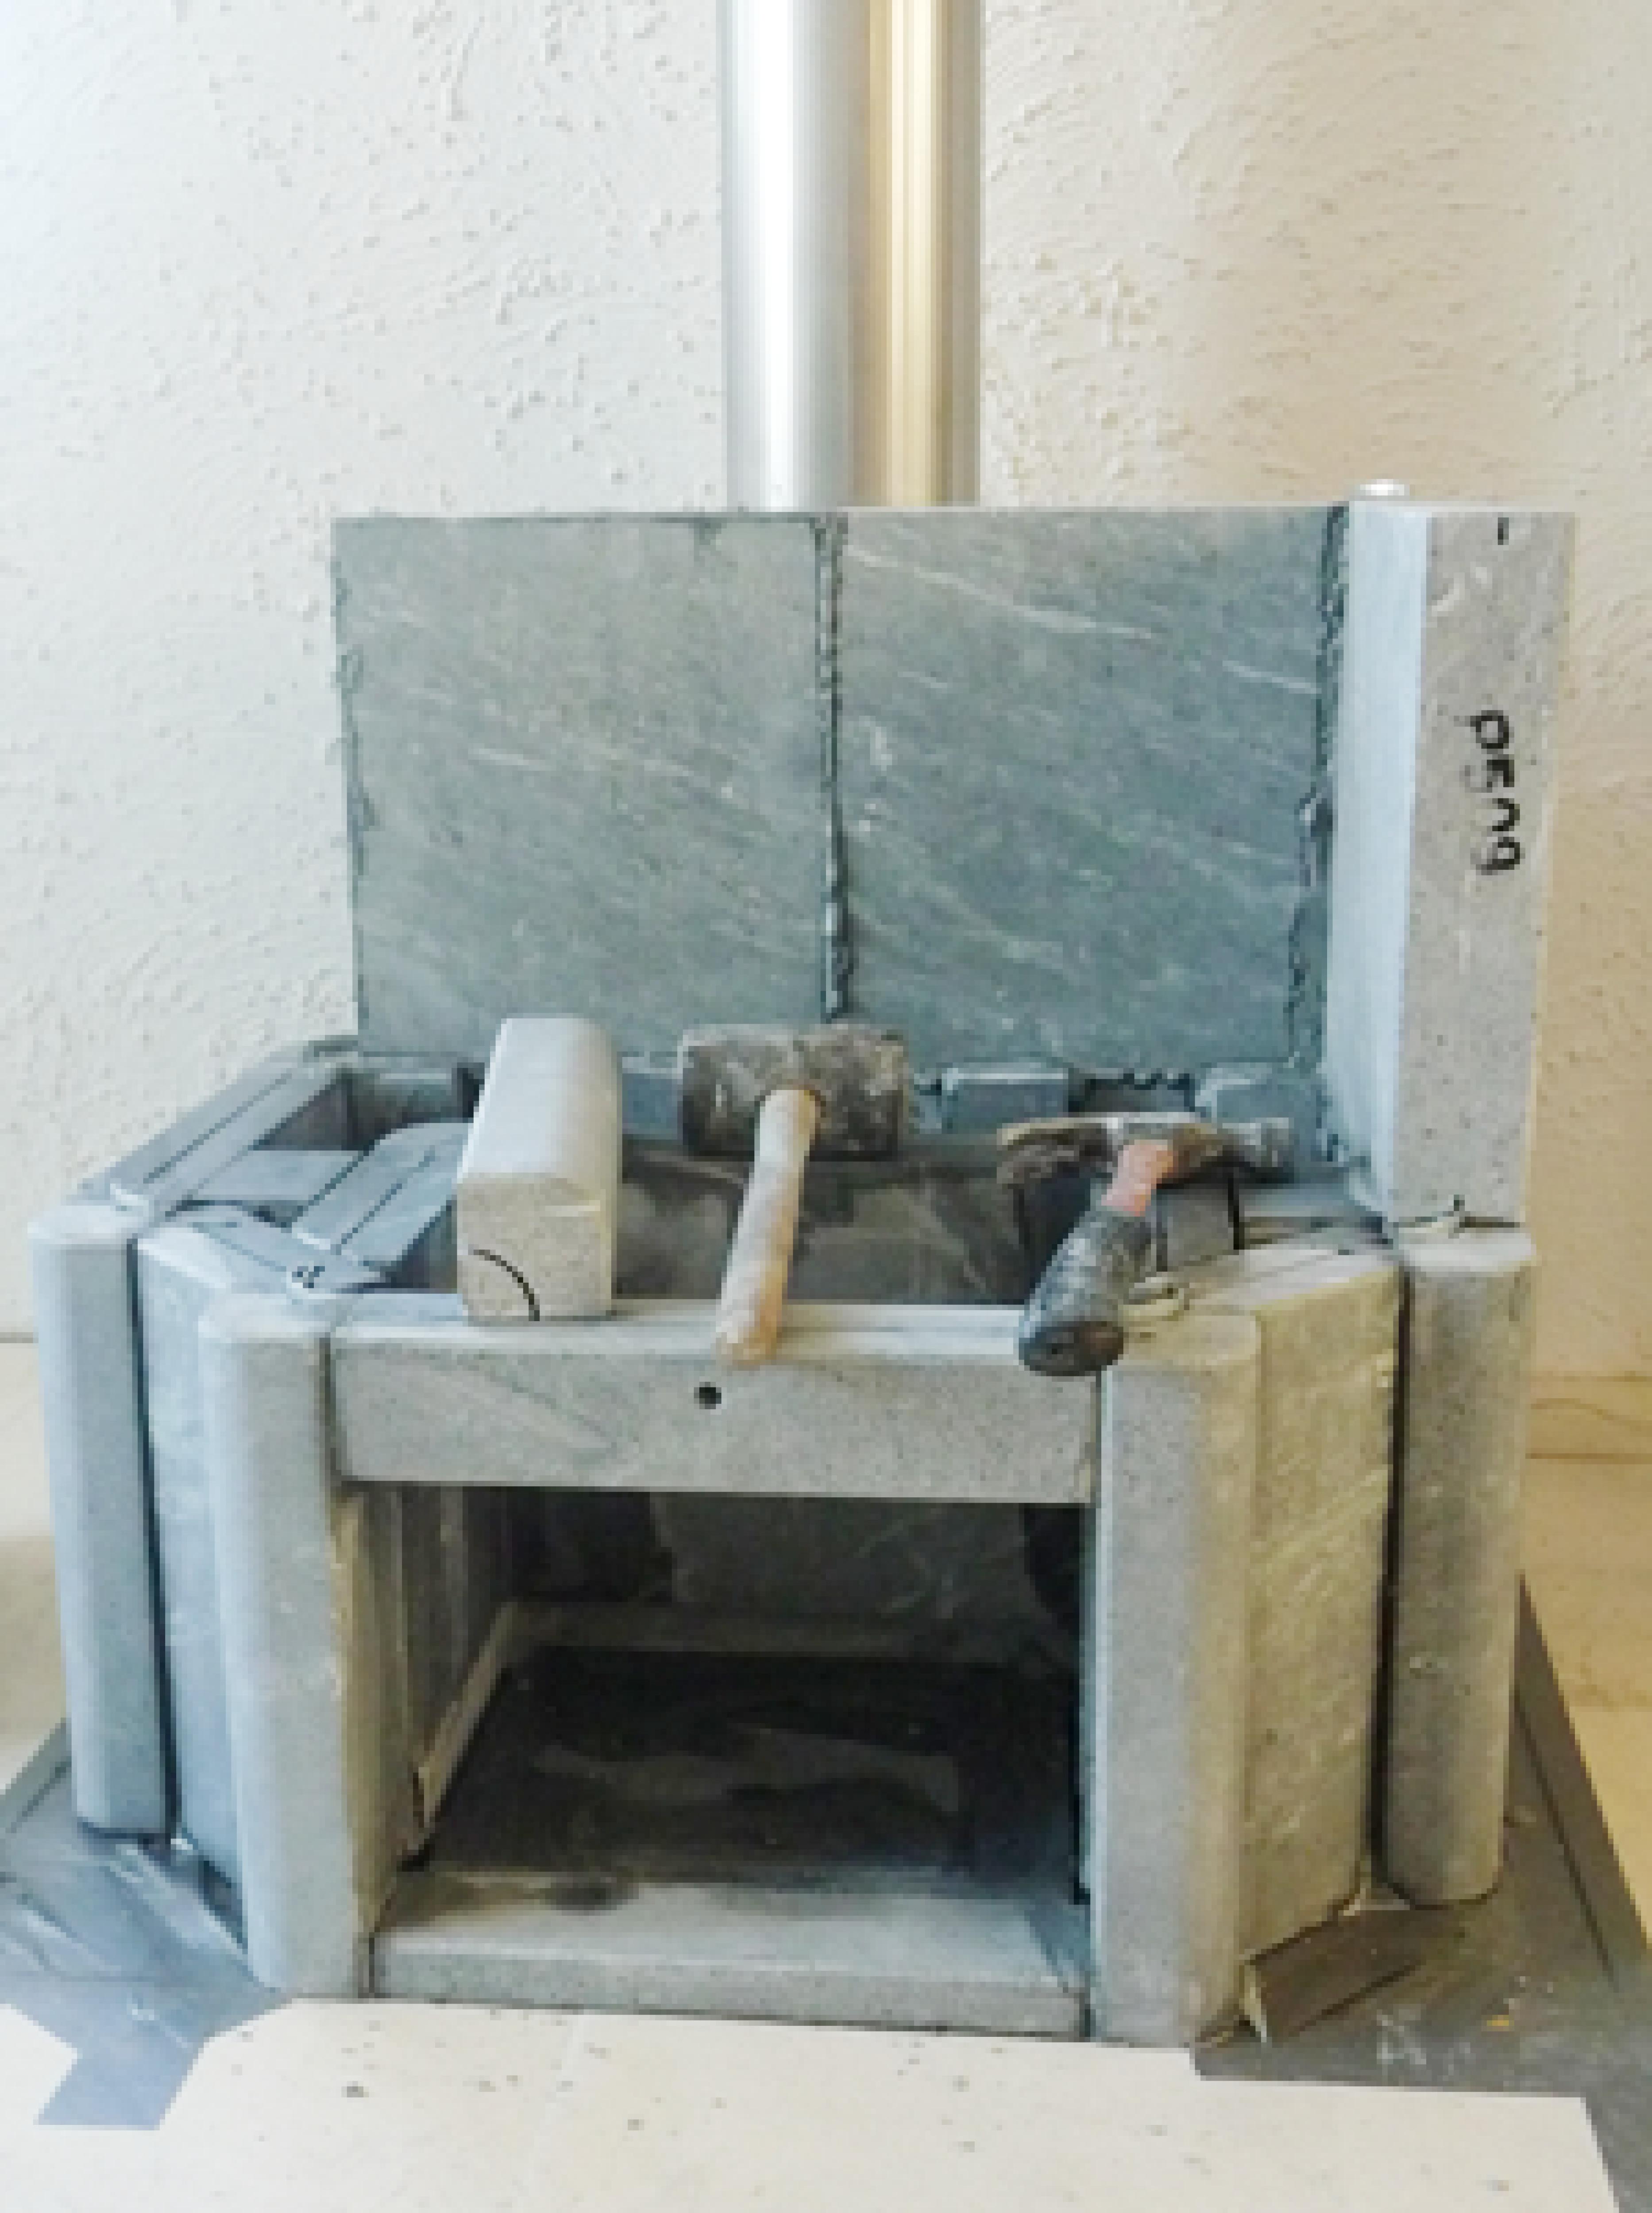 tibas-okmi-installatie-montage-3